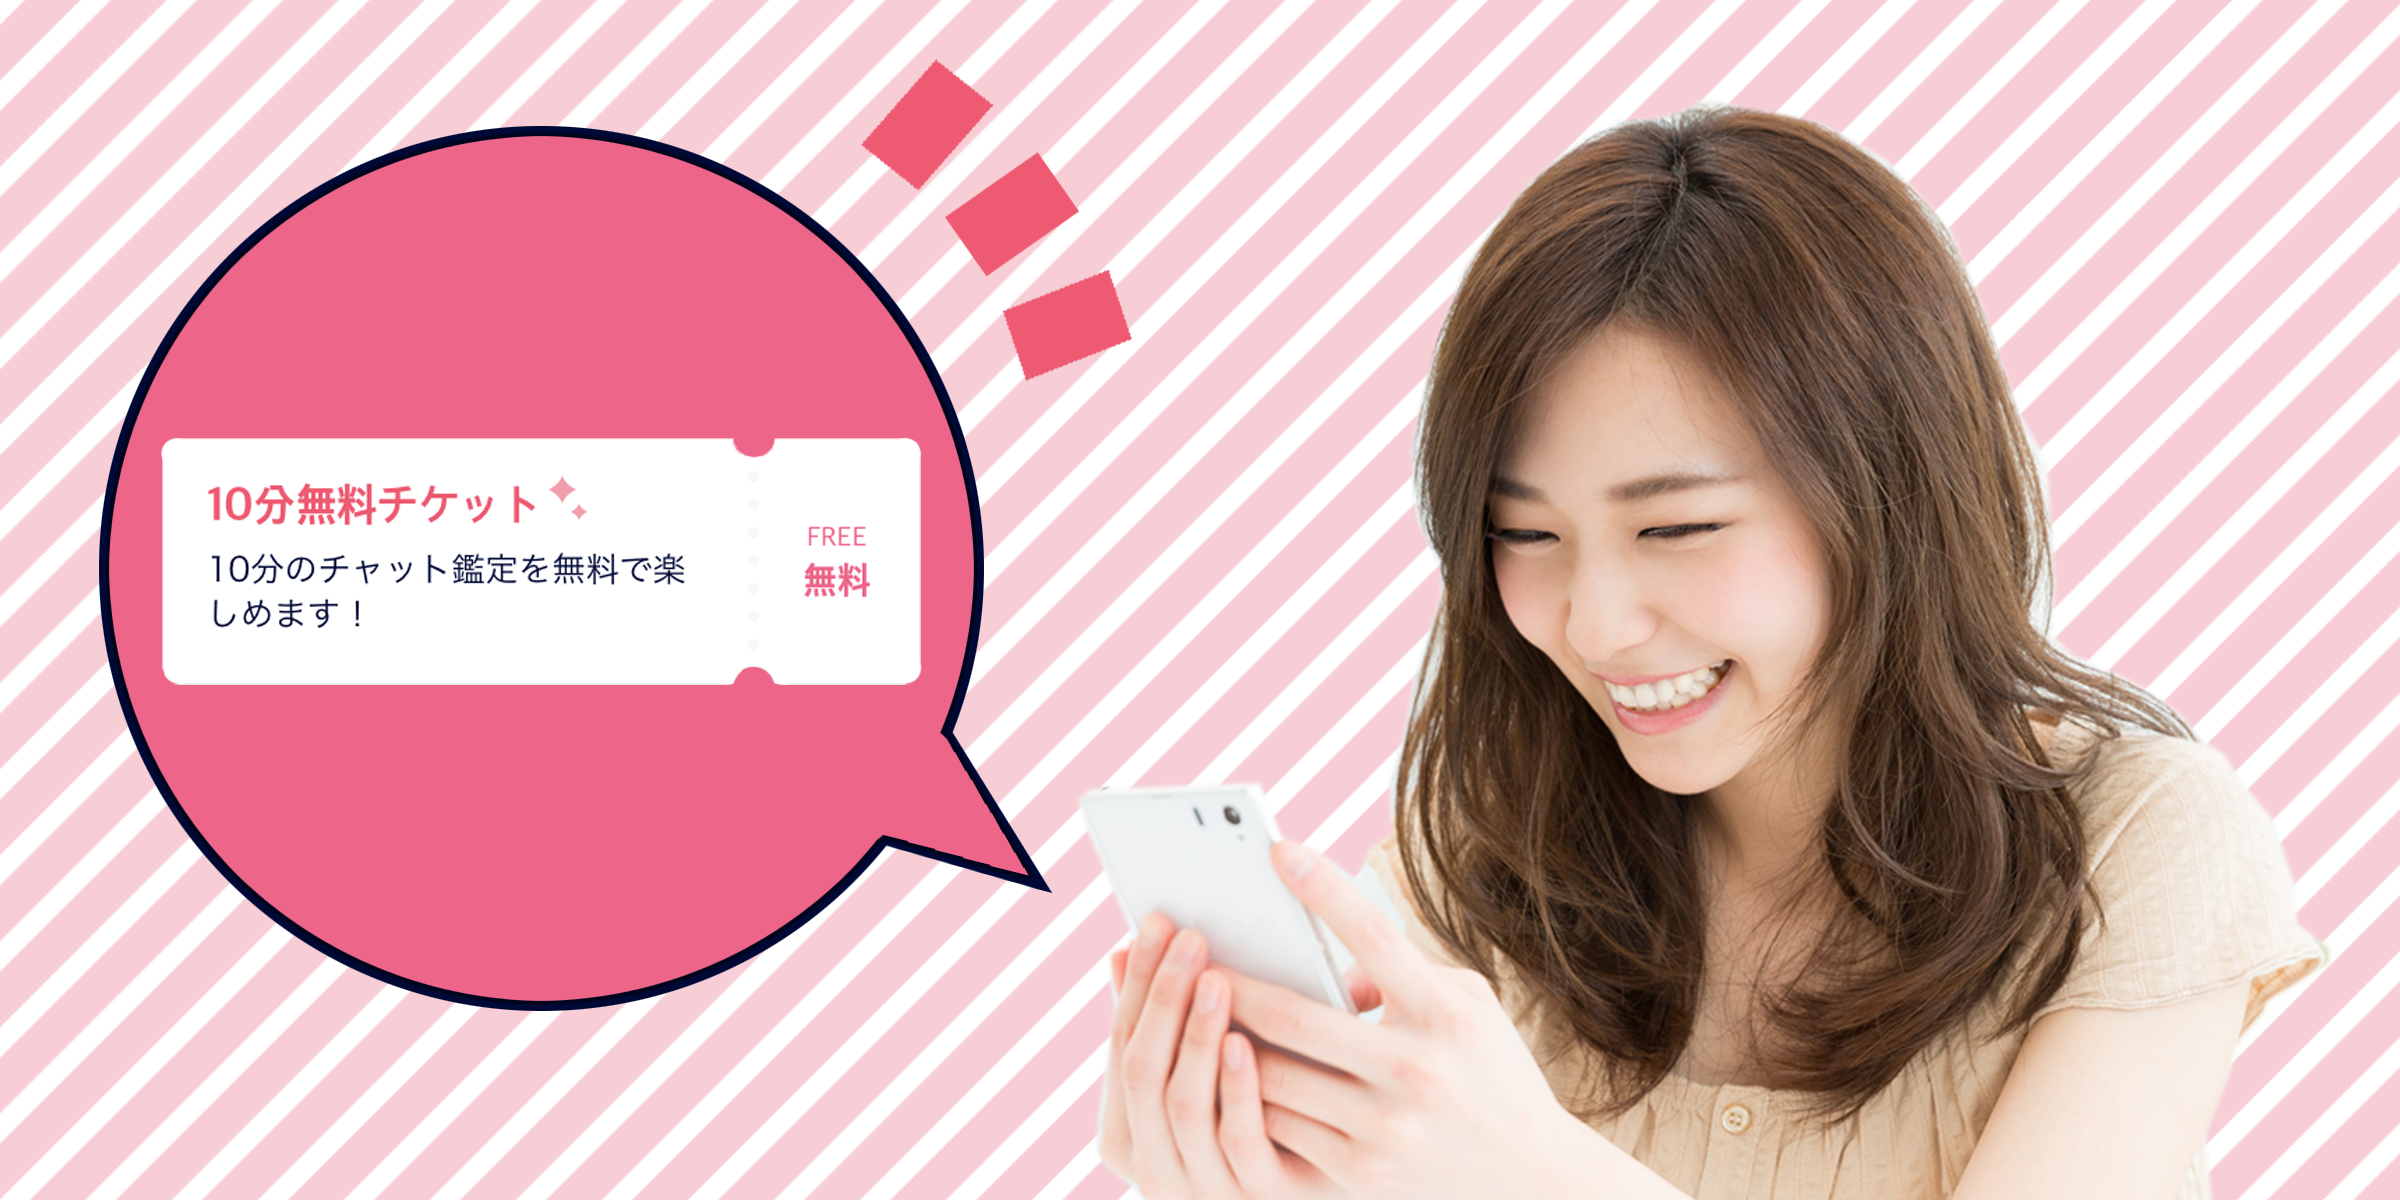 「チャット10分鑑定無料チケット」プレゼント!